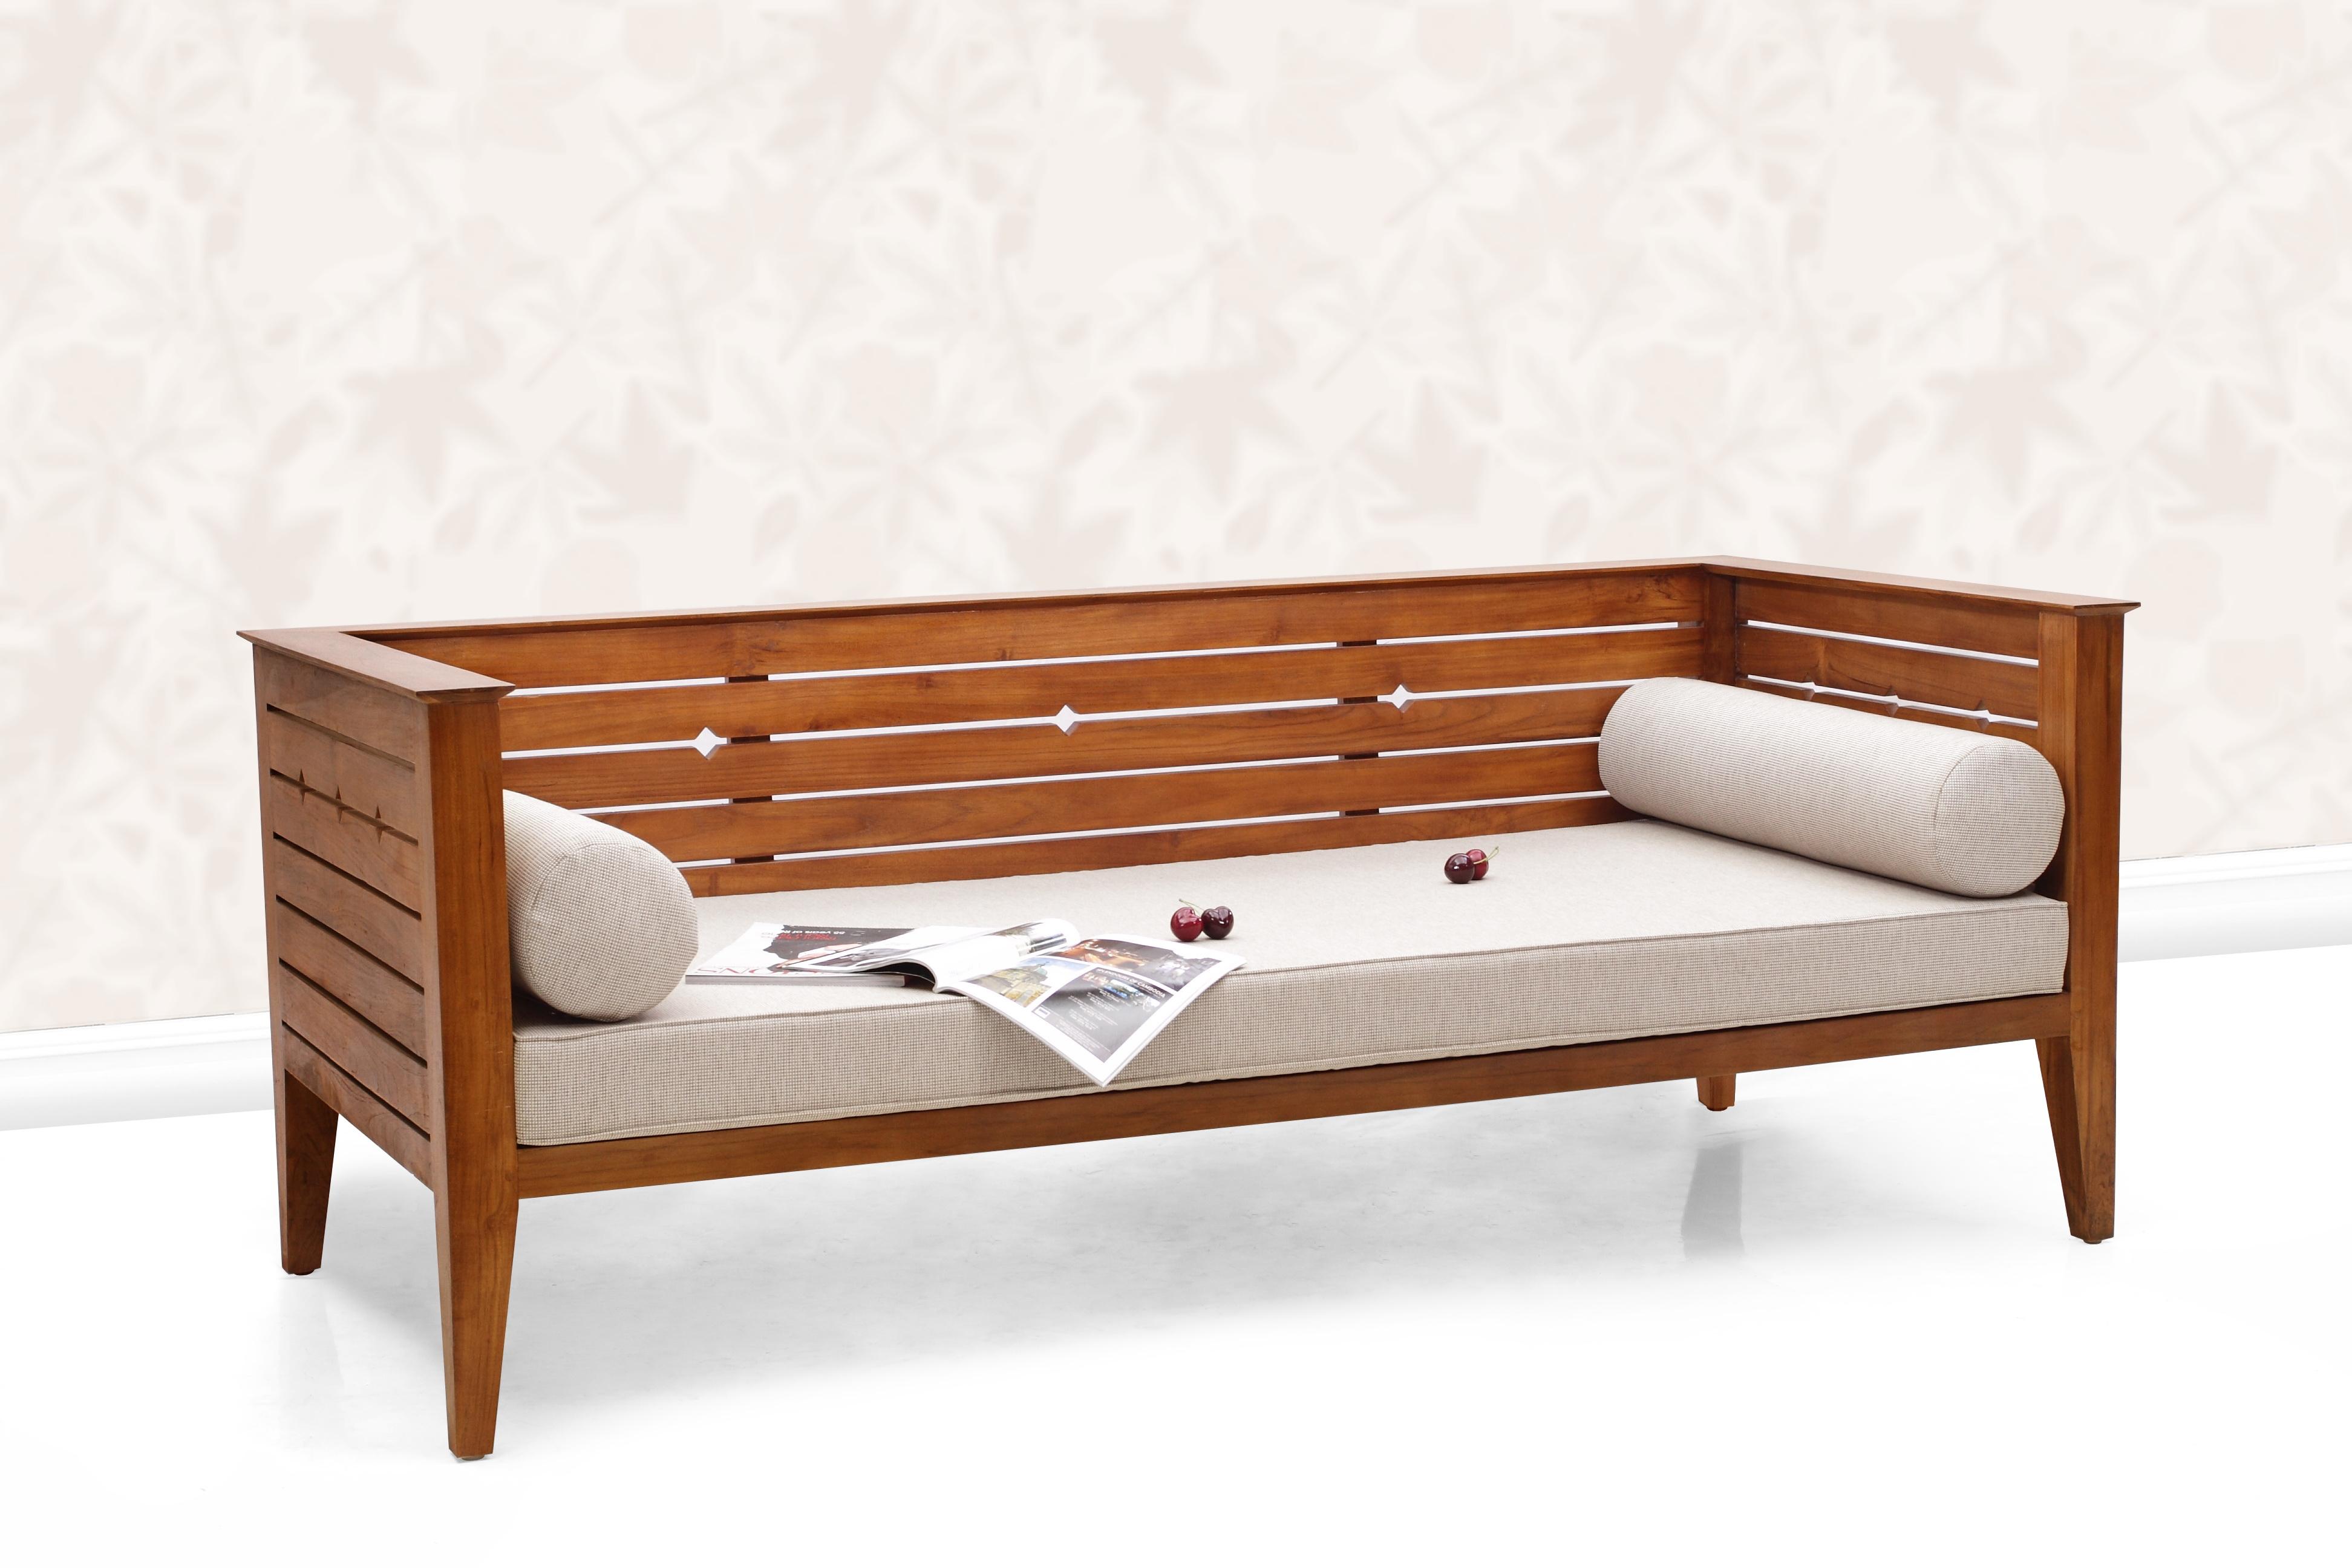 Teak Furniture For Sale In Malaysia